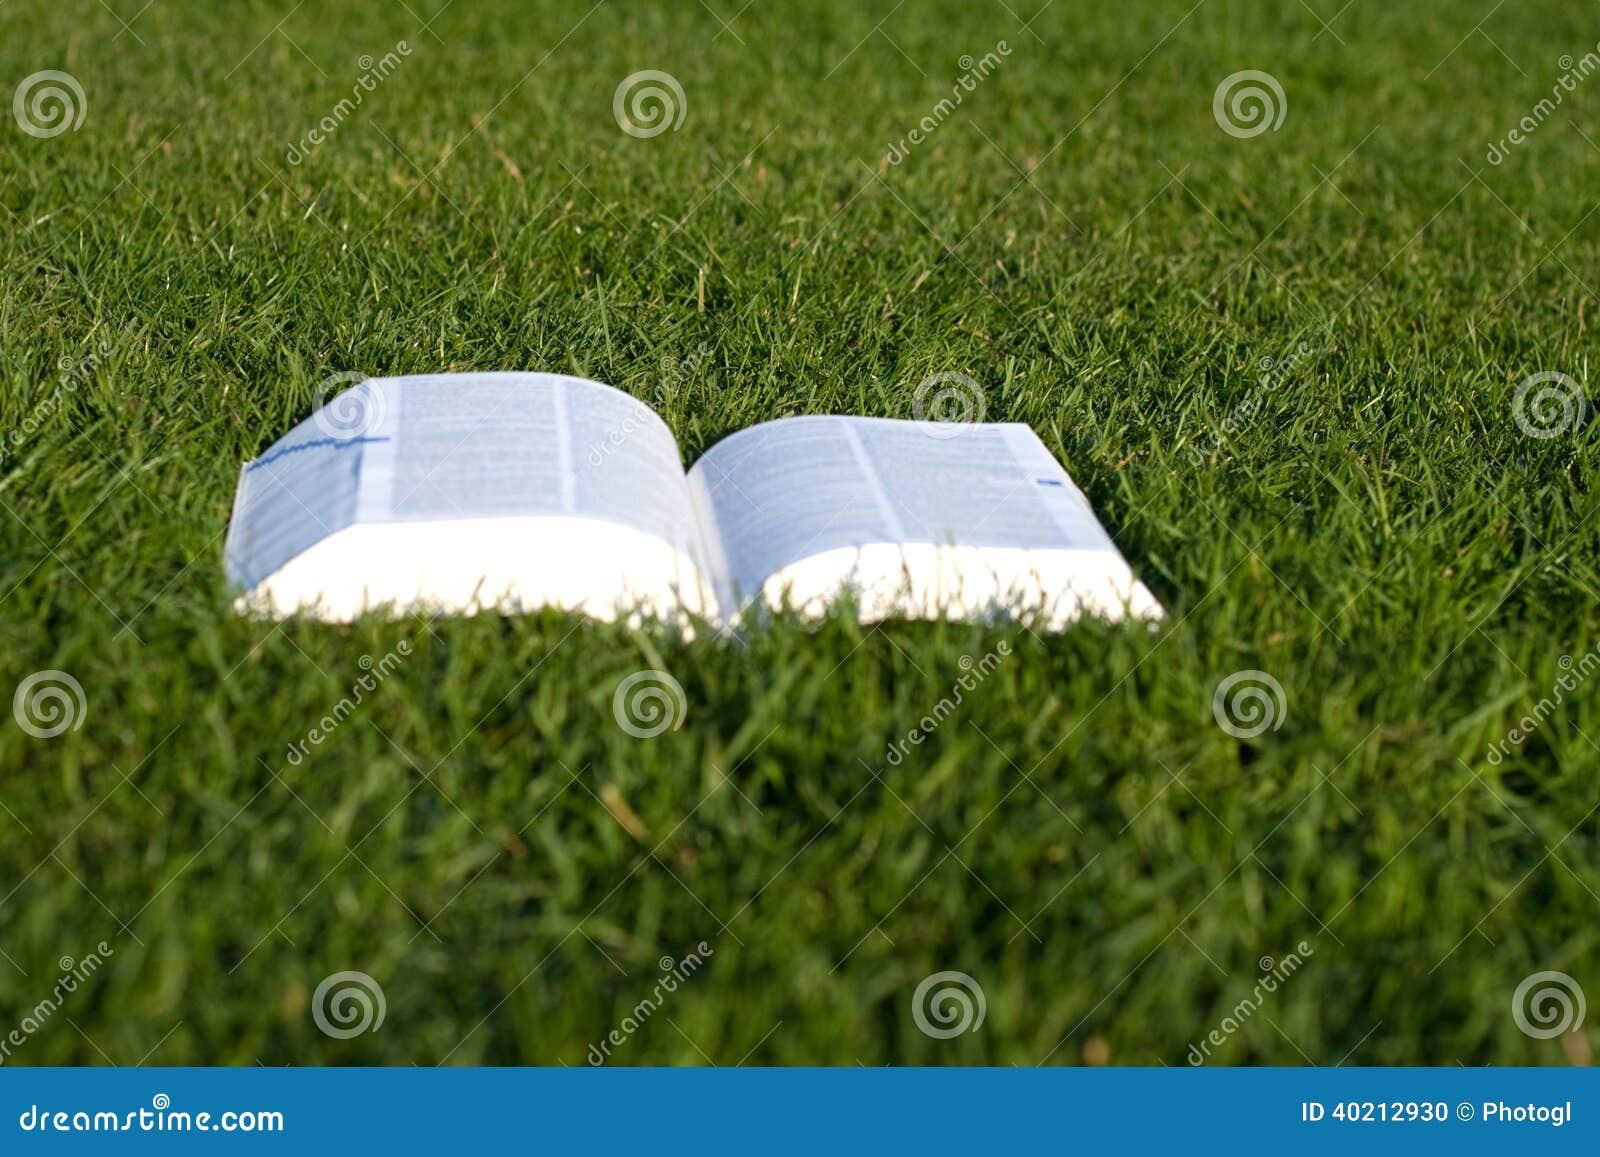 Groen gras boek